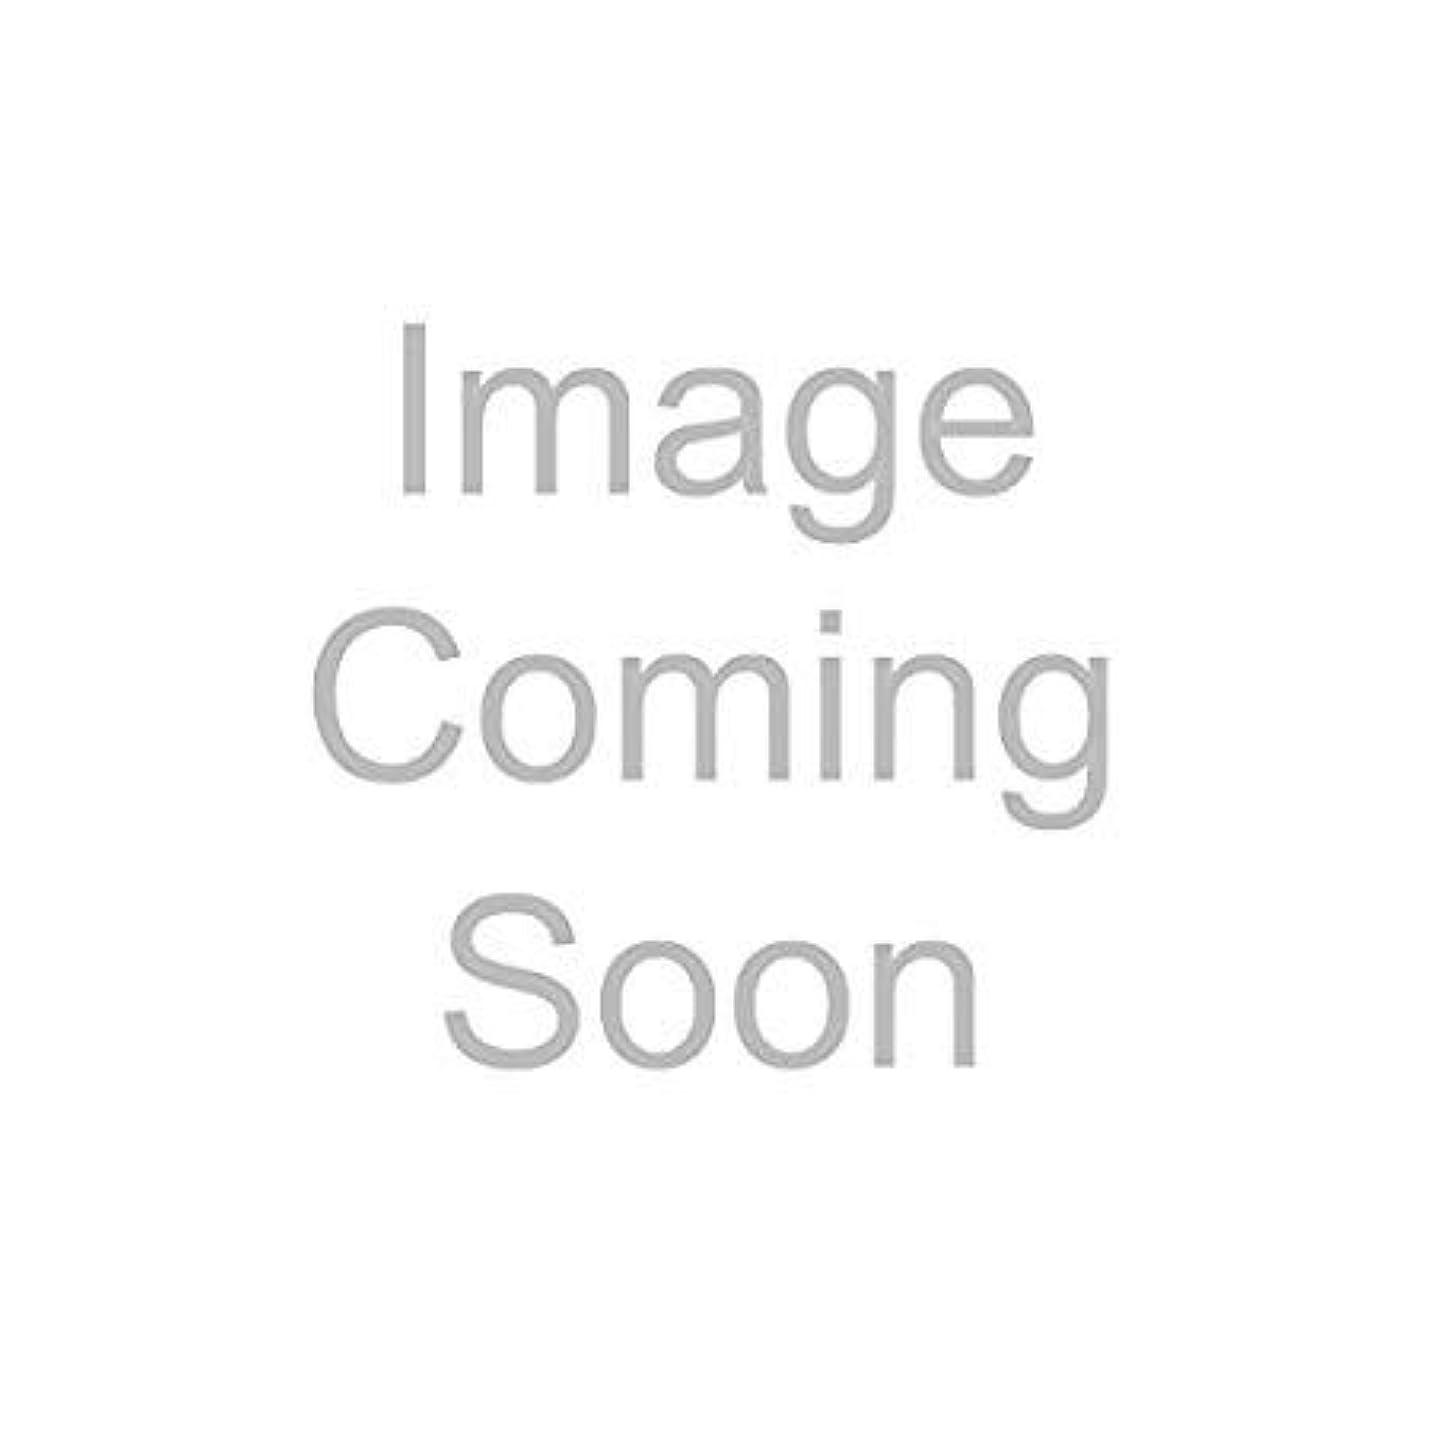 ブラザークレア楽しいミッレフィオーリ ナチュラル フレグランス ディフューザー リフィル - ホワイトムスク 250ml/8.45oz並行輸入品